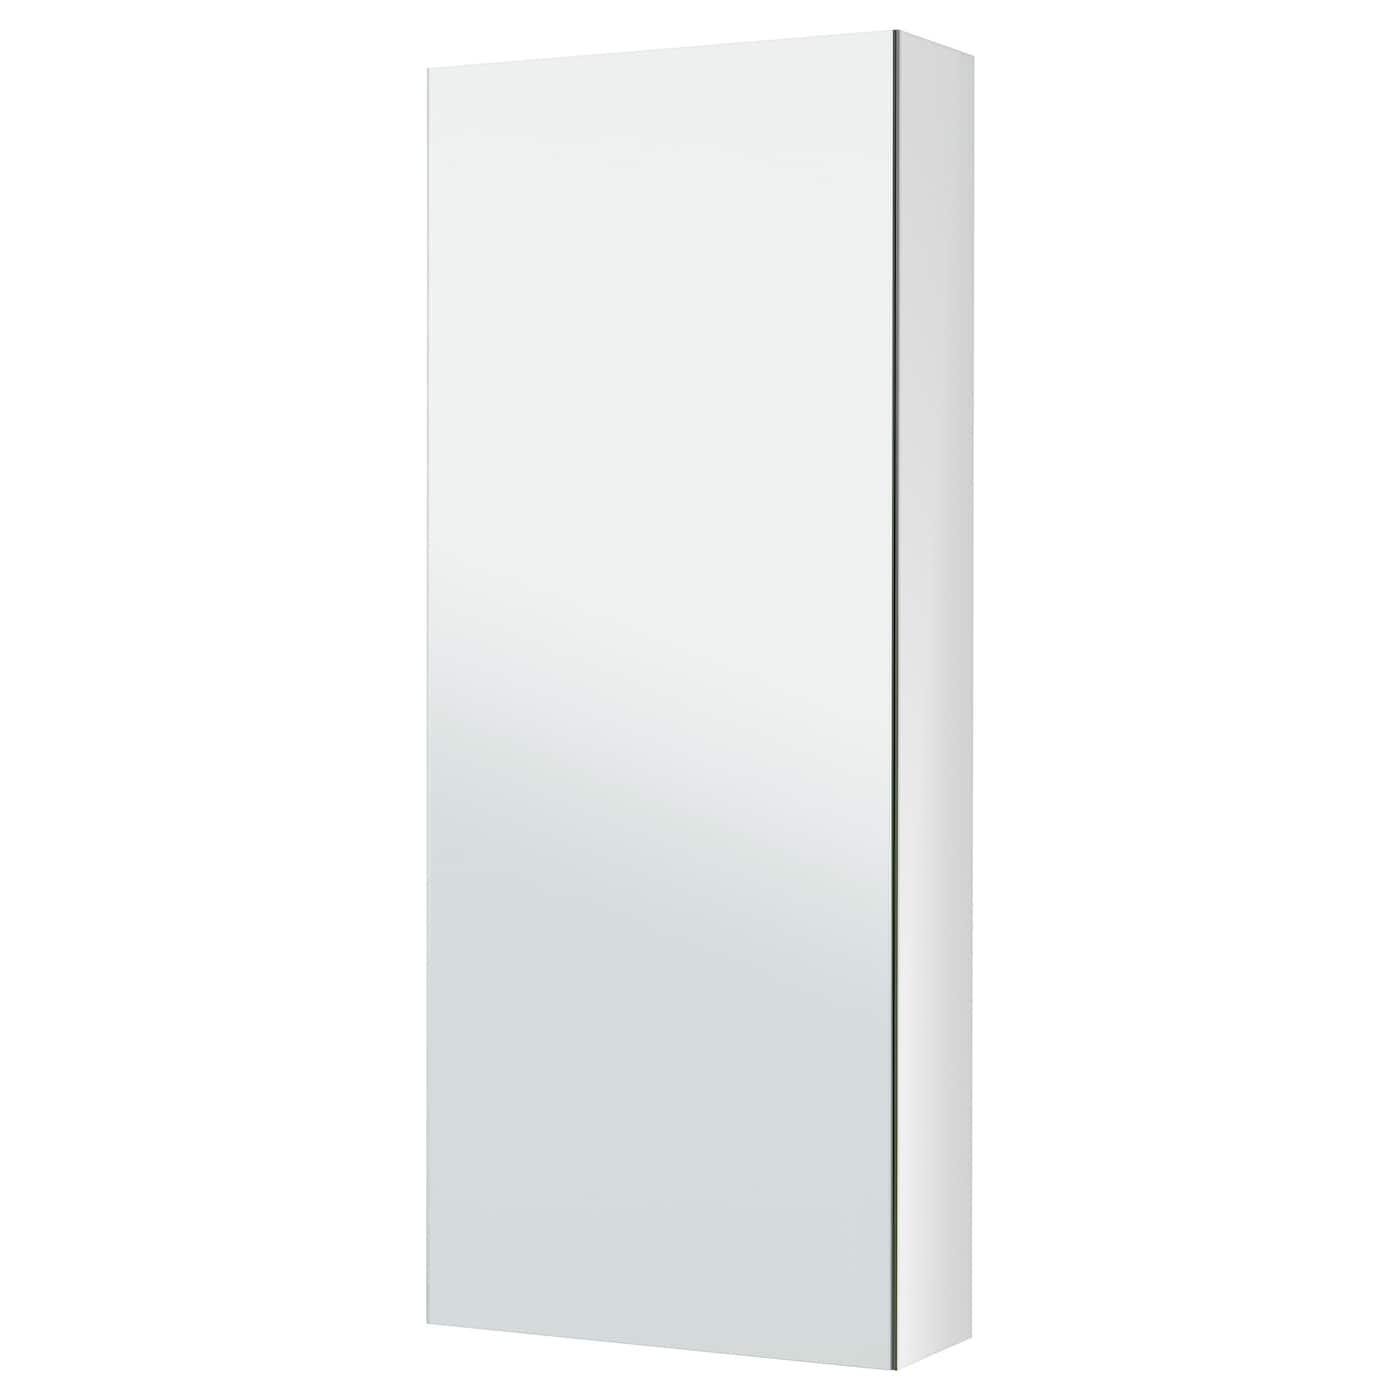 Godmorgon mirror cabinet with 1 door 40x14x96 cm ikea - Spiegelschrank 40 cm ...